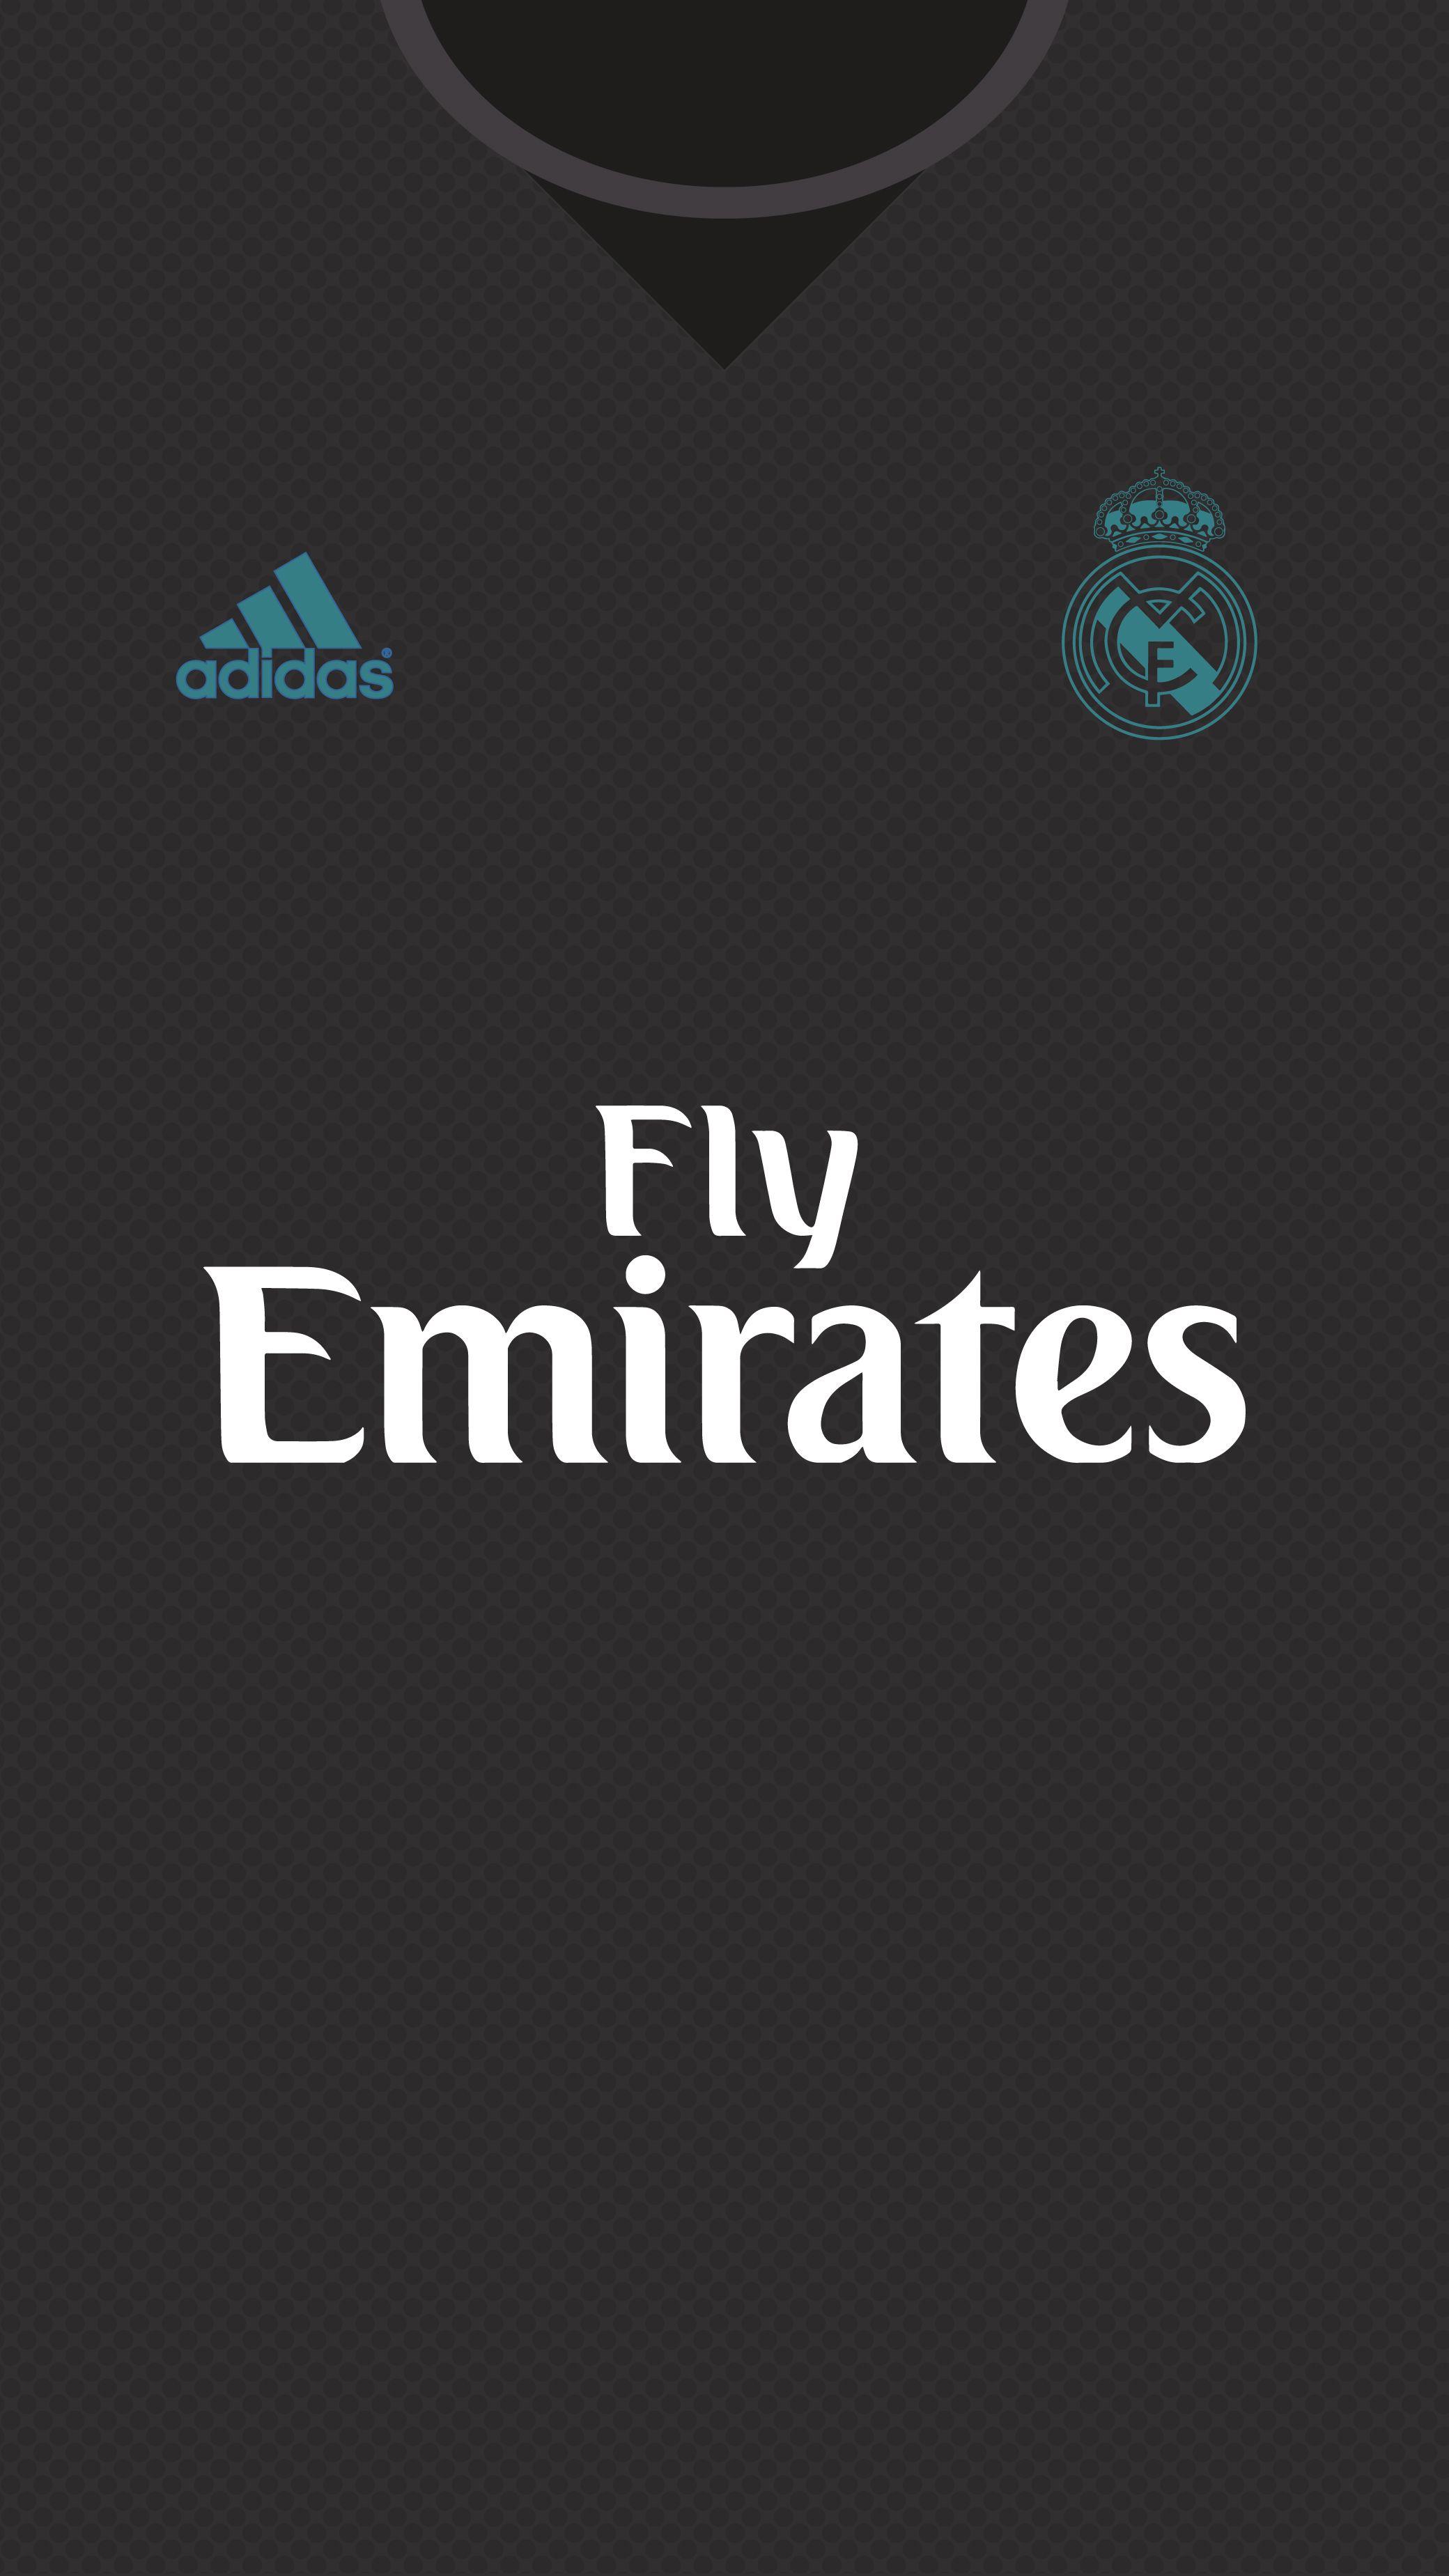 Real Madrid Kit 2017/18 | Wallpaper for mobile on Behance ...